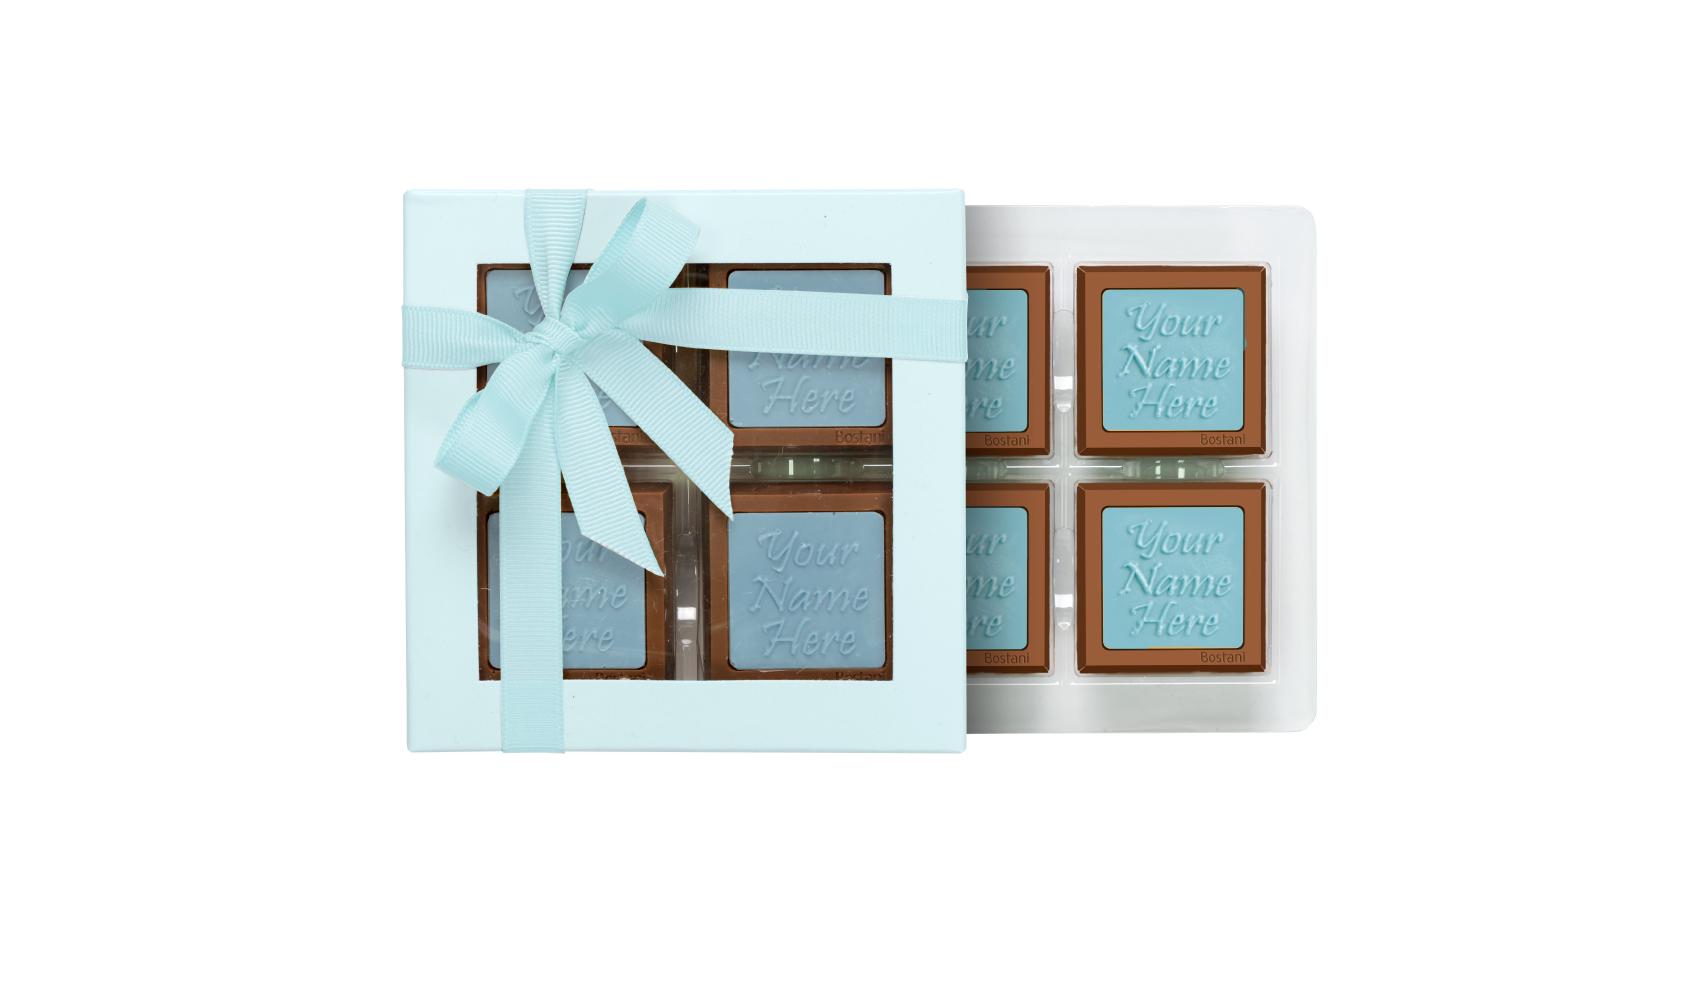 علبة الشوكولا الشفافة (4 قطع شوكولا) أزرق